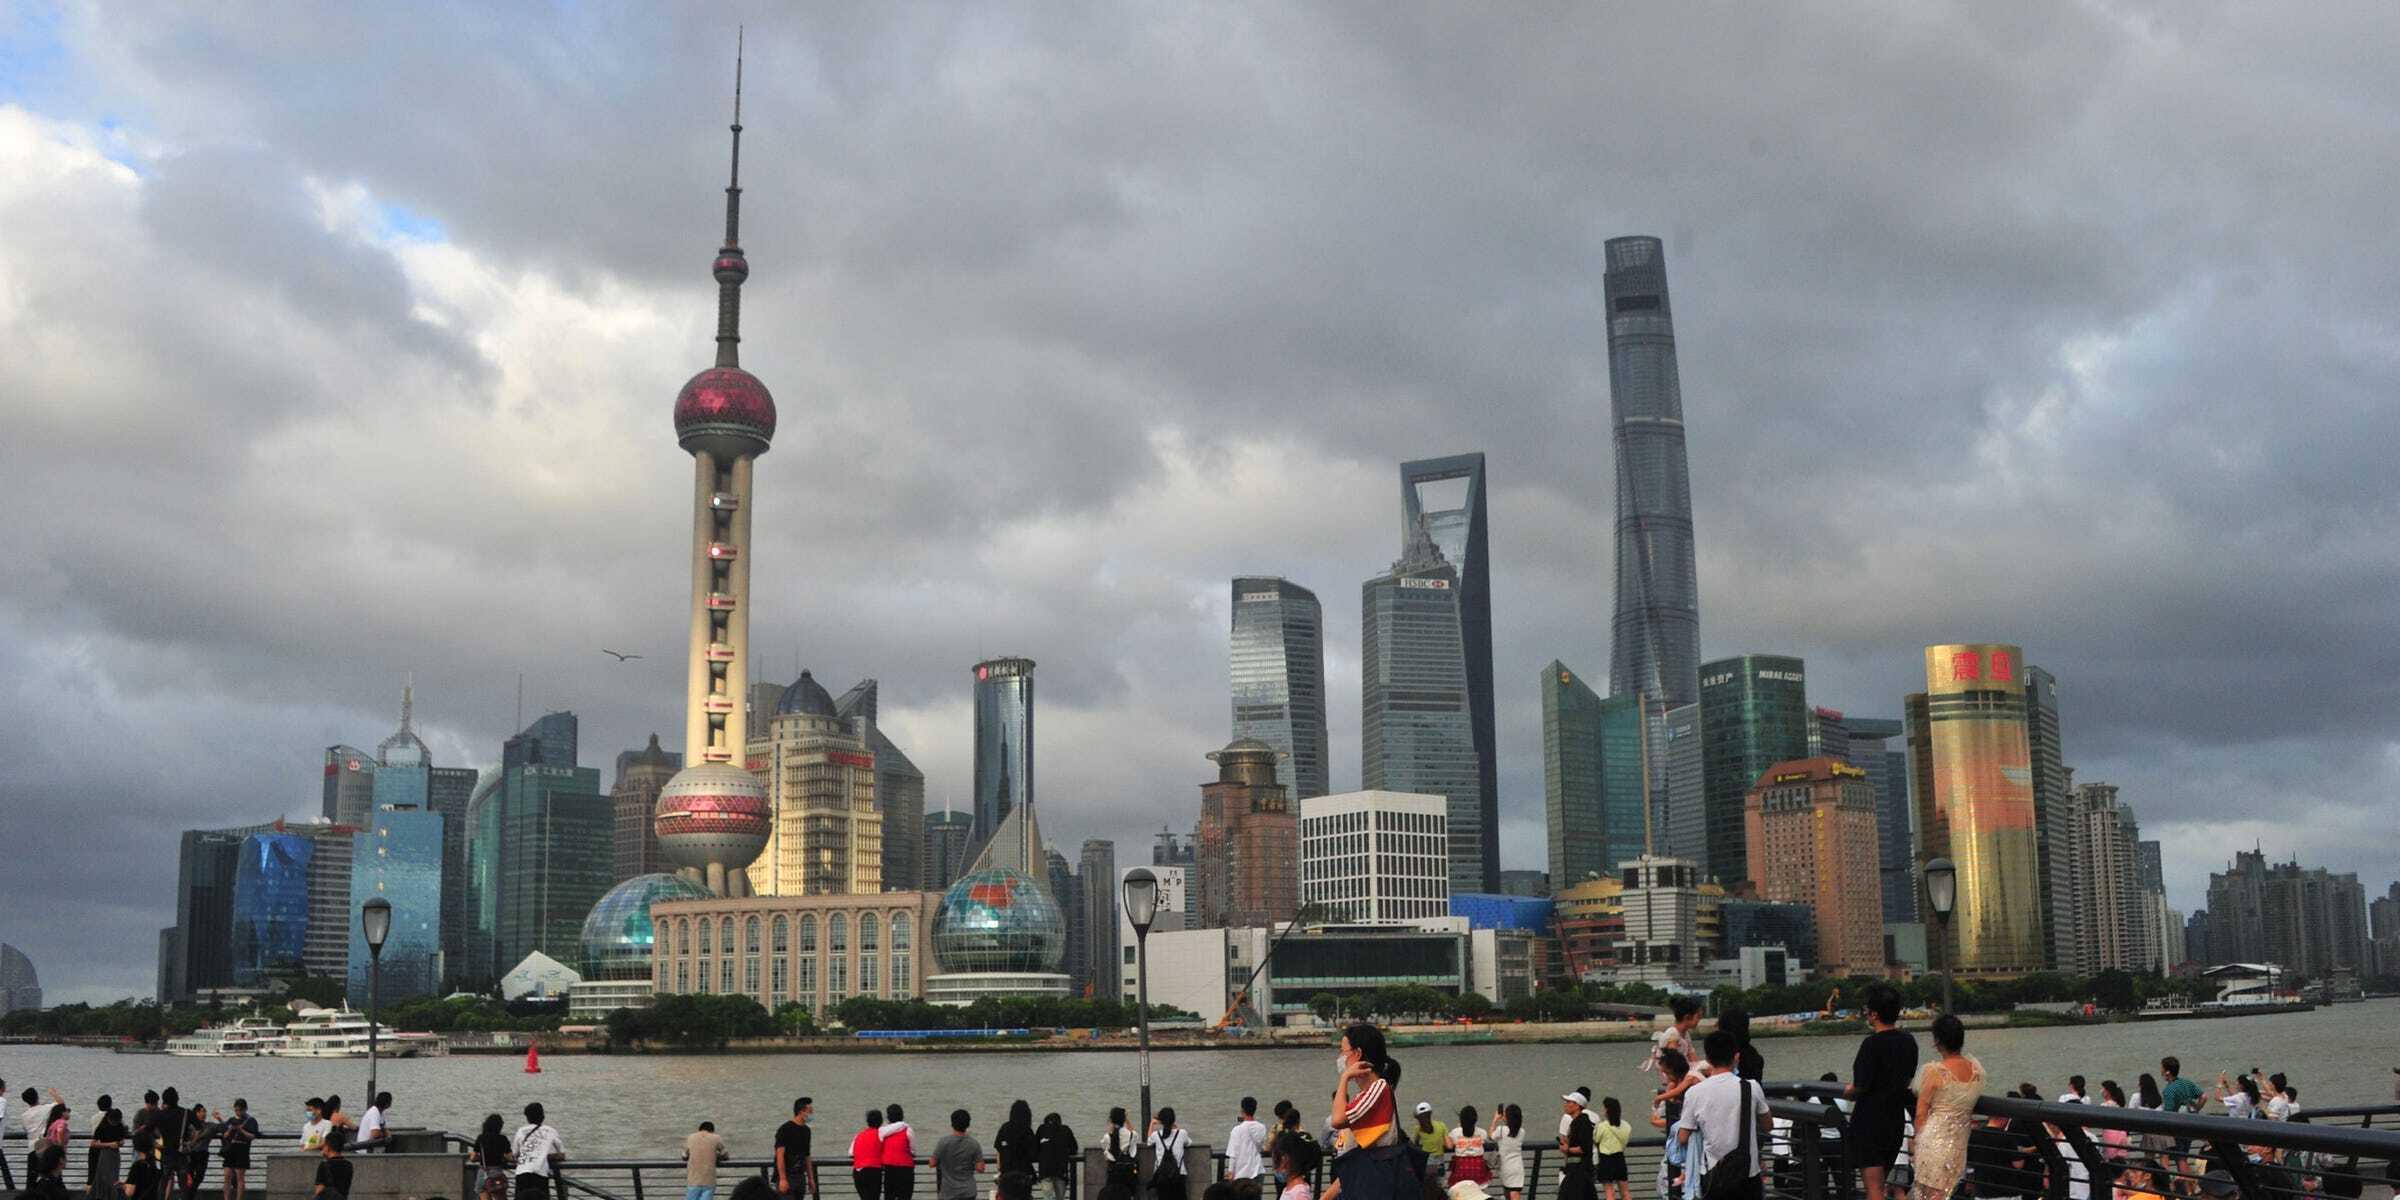 Китайцы начнут масштабно вызывать искусственные снег и дождь к 2025 году